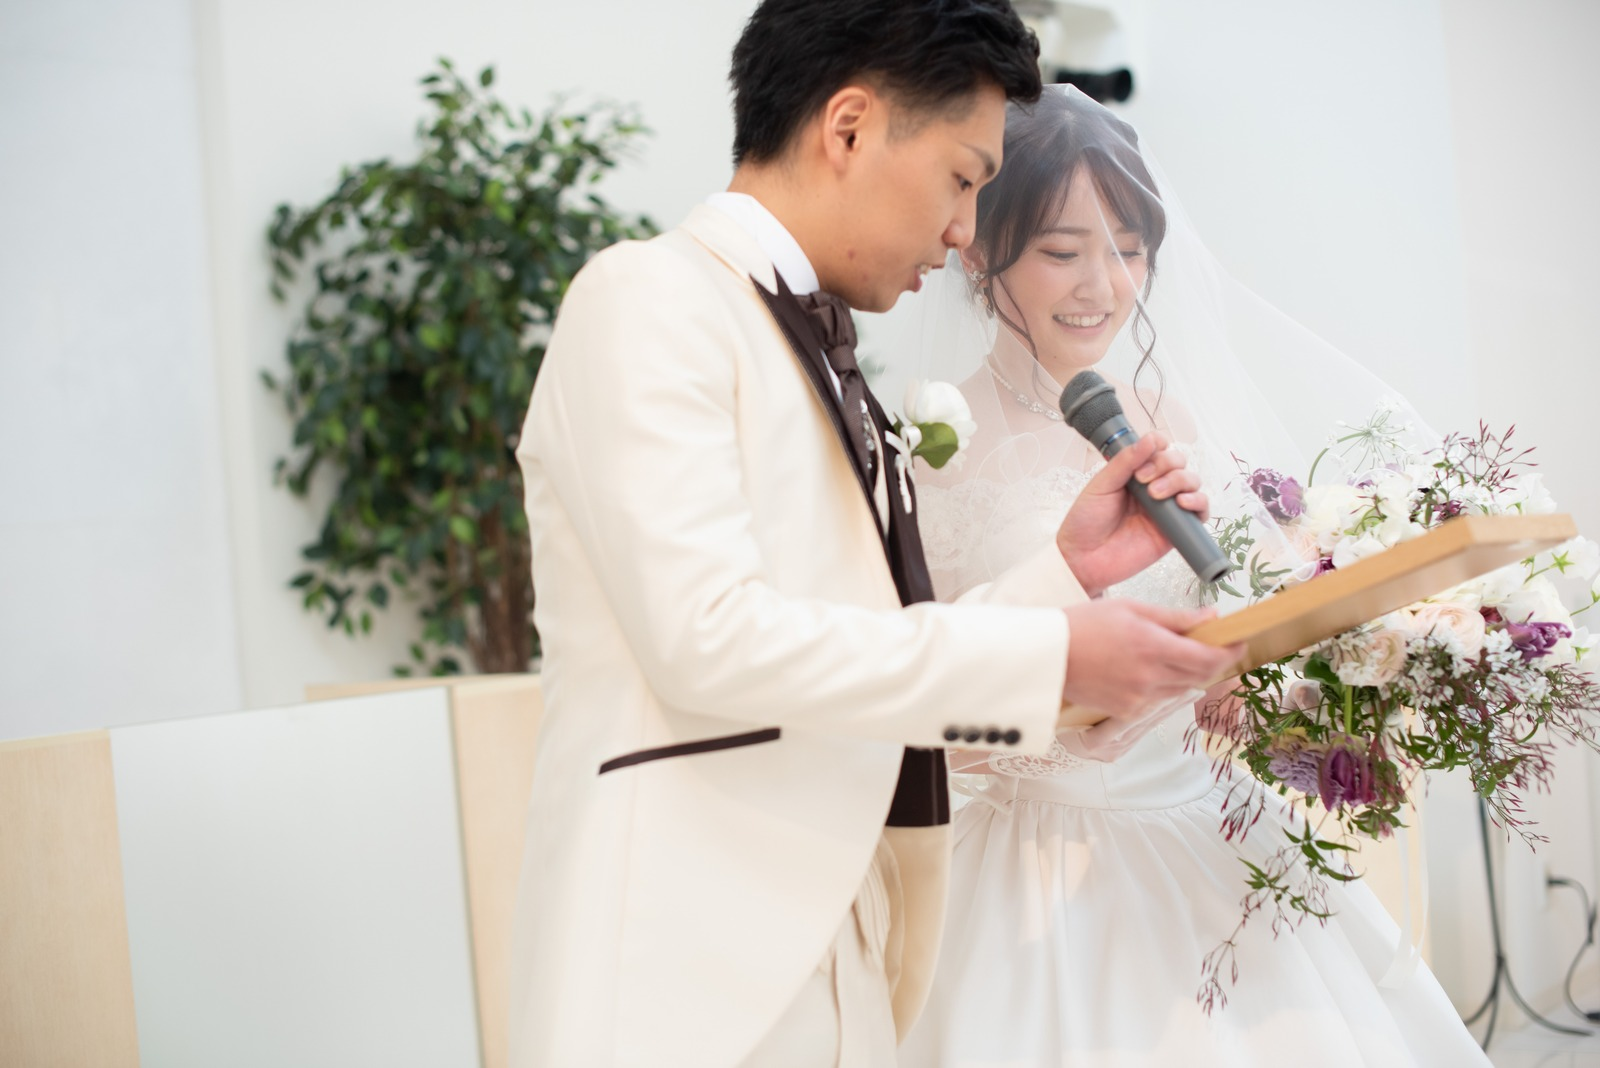 徳島市の結婚式場ブランアンジュのチャペル人前式で誓いの詞を読む新郎新婦